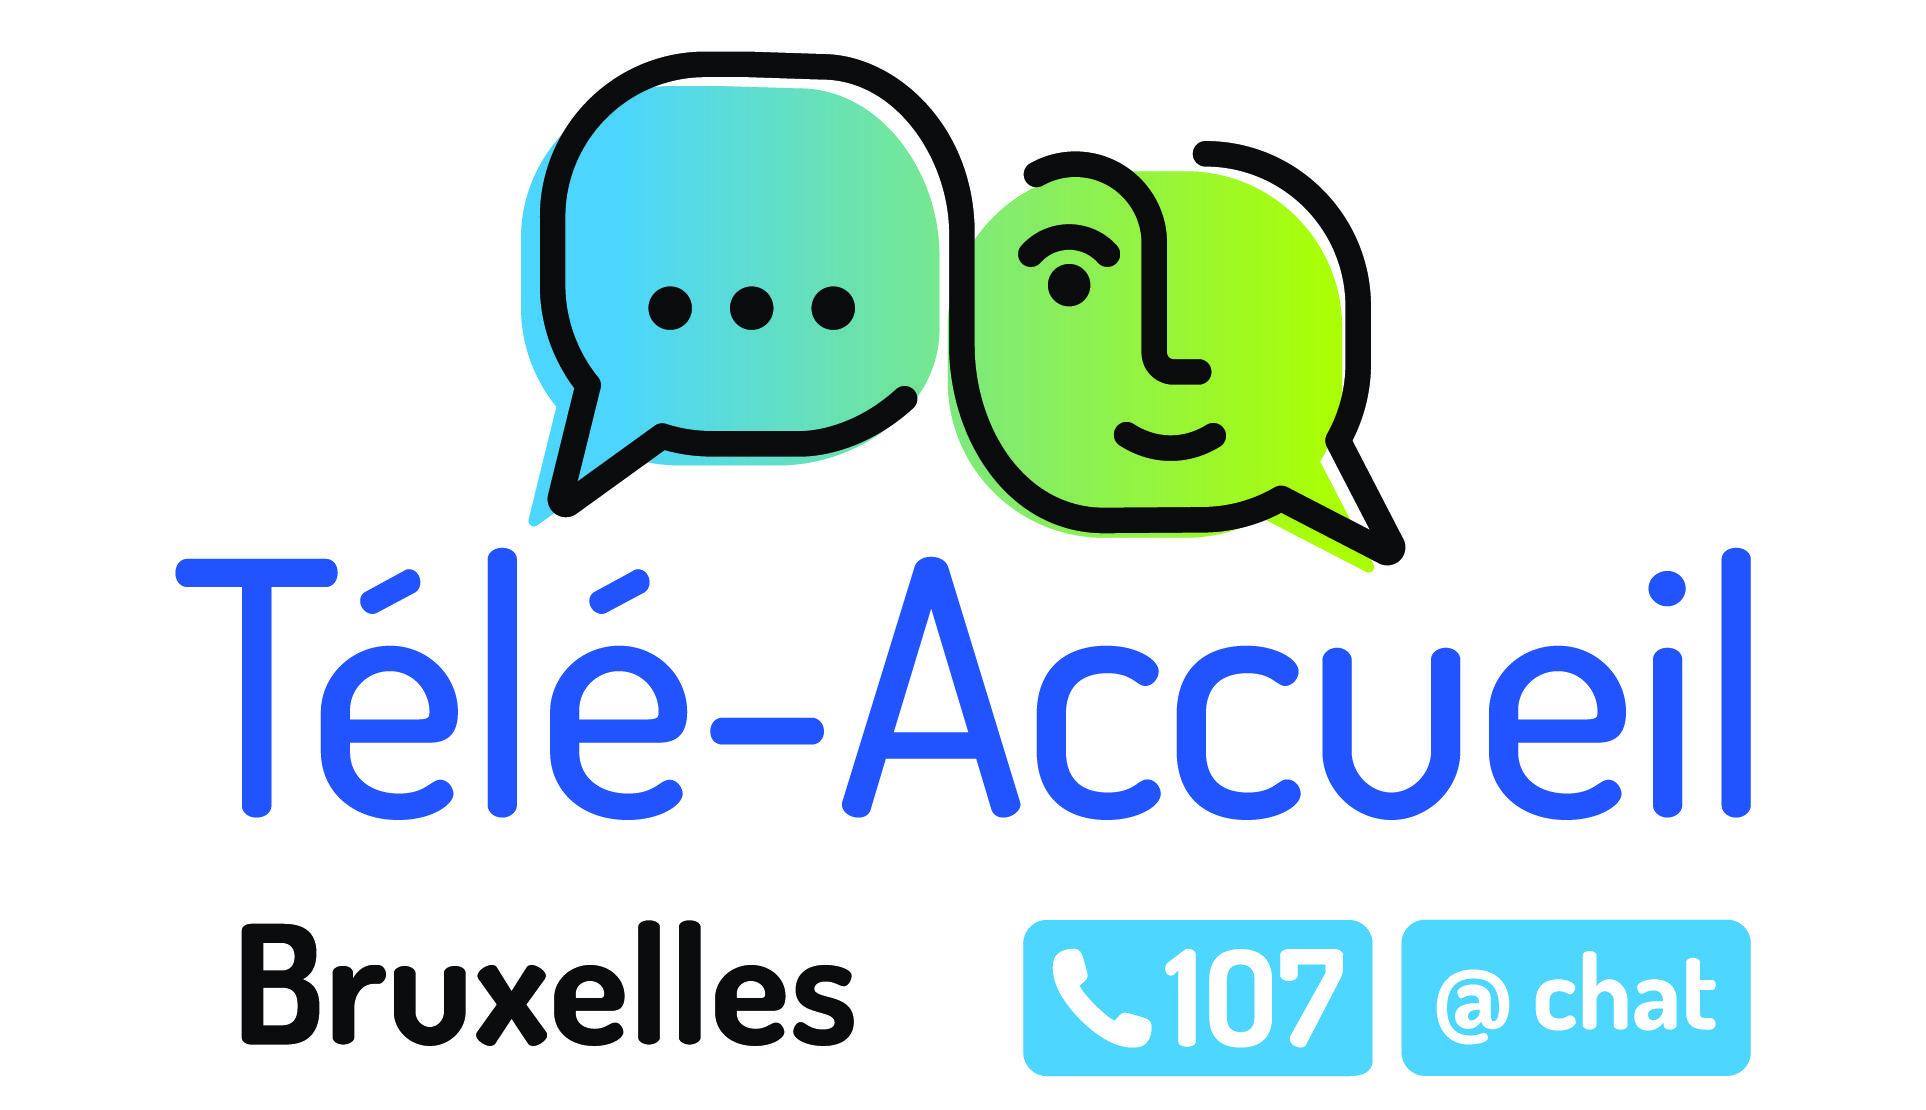 Télé Accueil Bruxelles